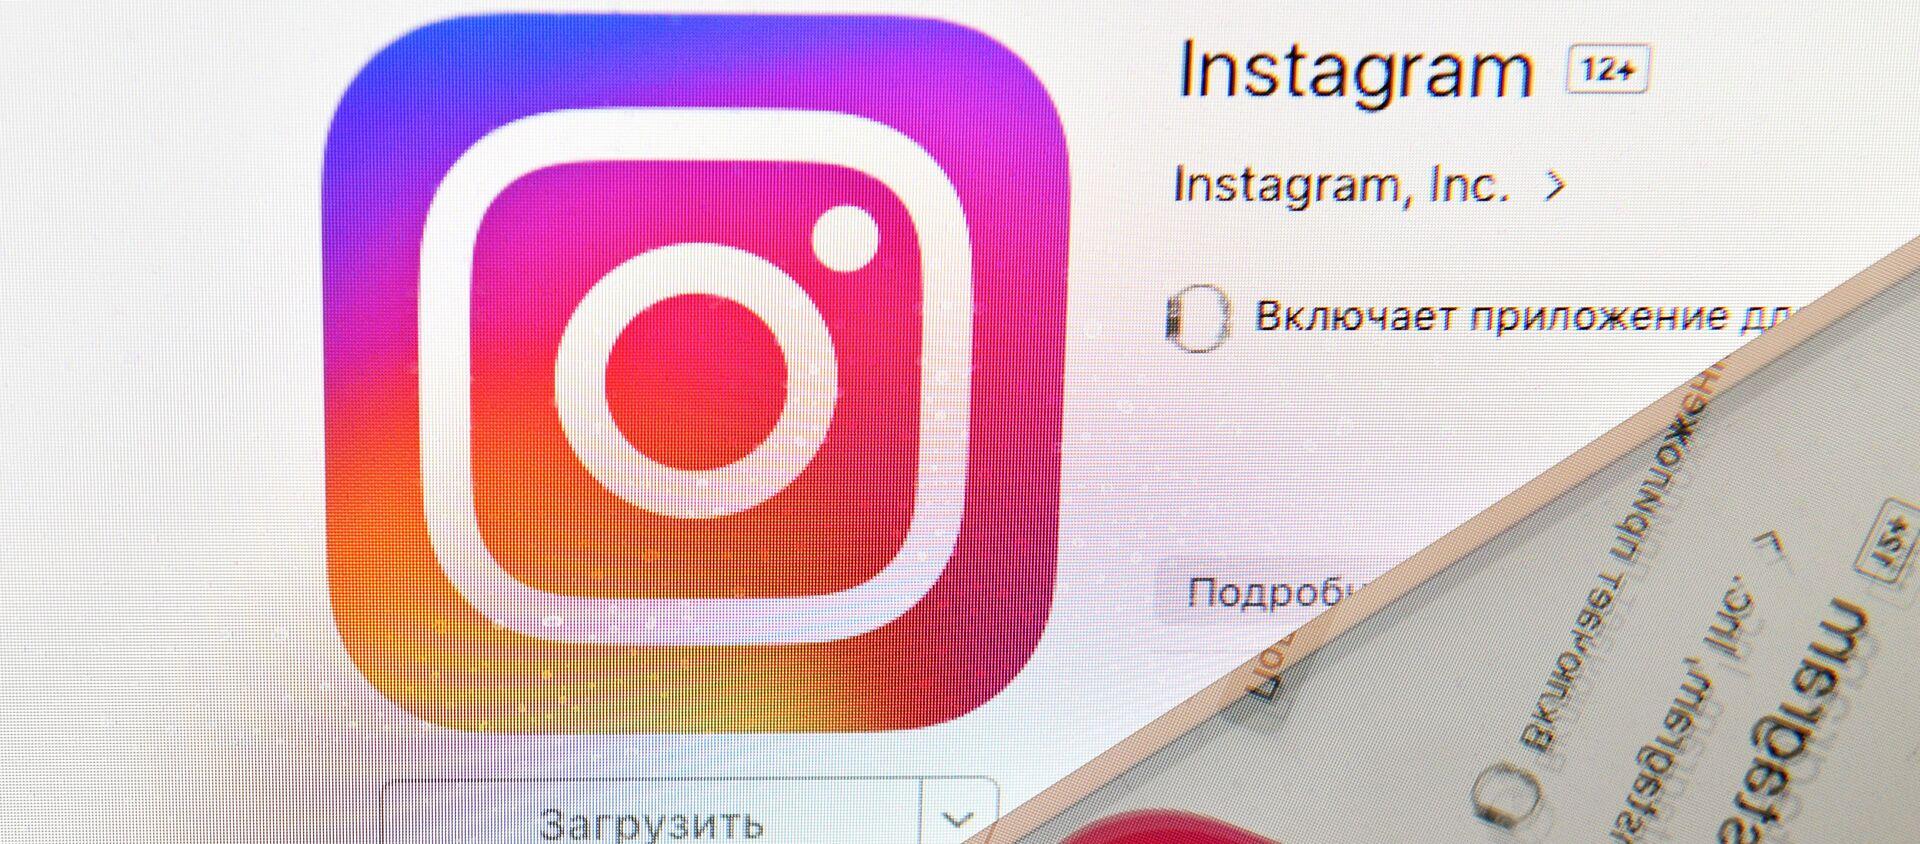 Biểu tượng của mạng xã hội Instagram được nhìn thấy trên màn hình điện thoại thông minh - Sputnik Việt Nam, 1920, 27.05.2021